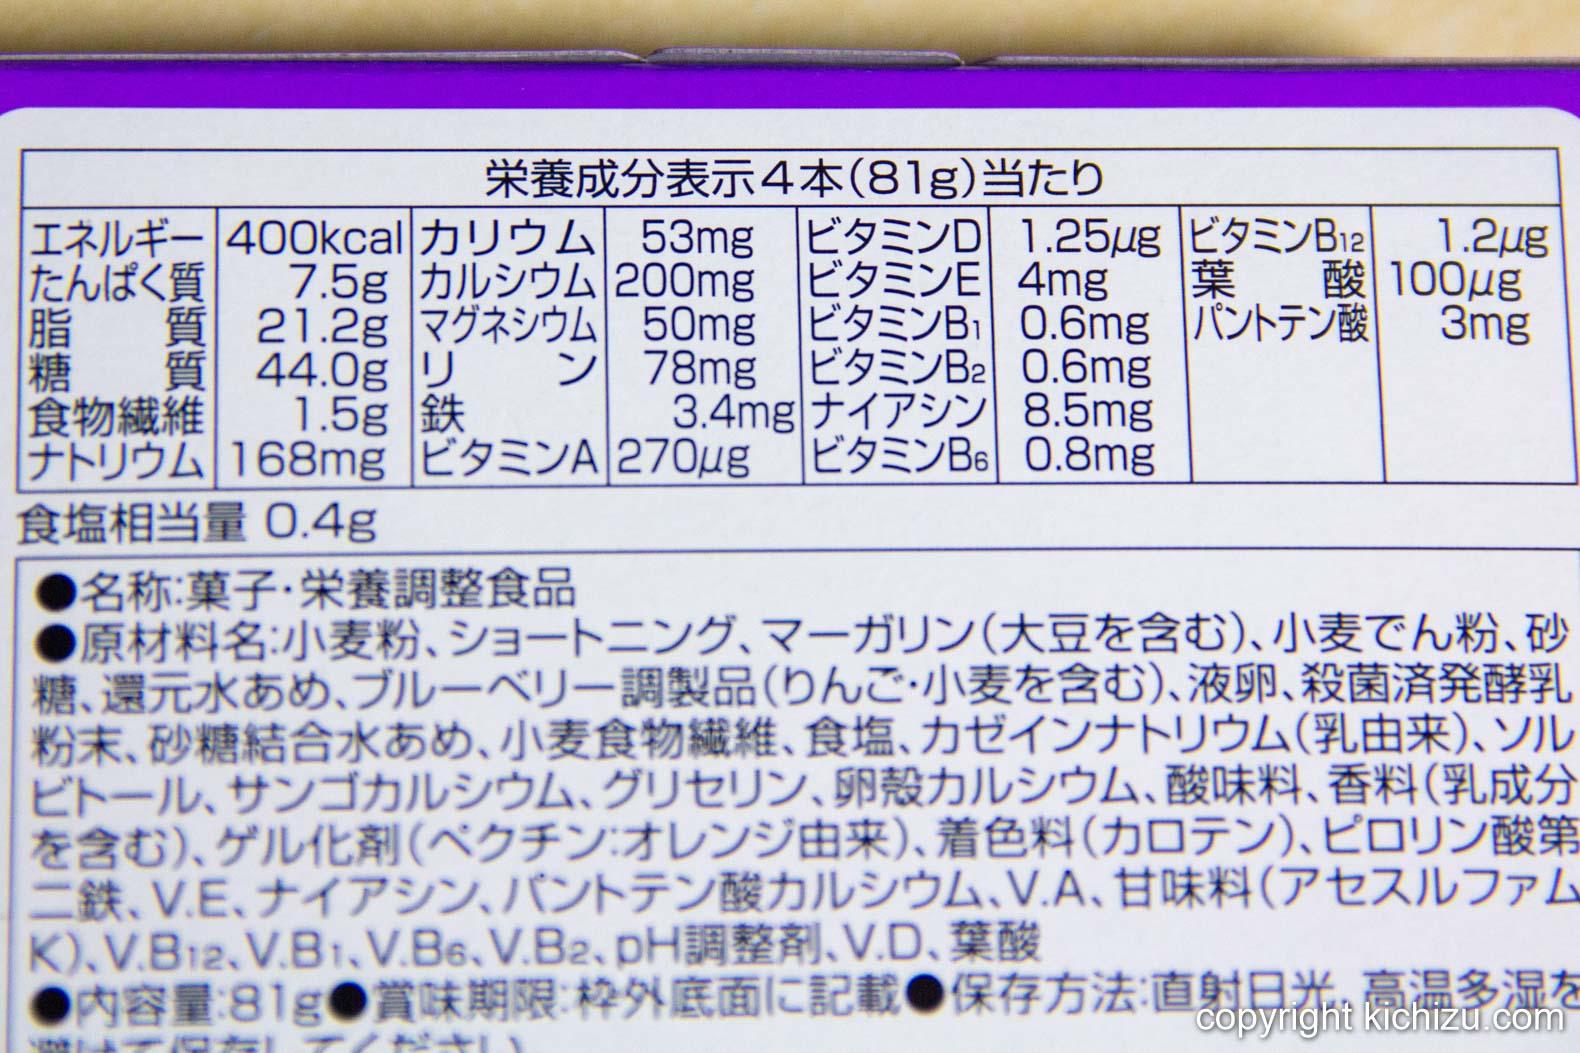 ライトミール ブロック しっとり ブルーベリーヨーグルト味の栄養成分表